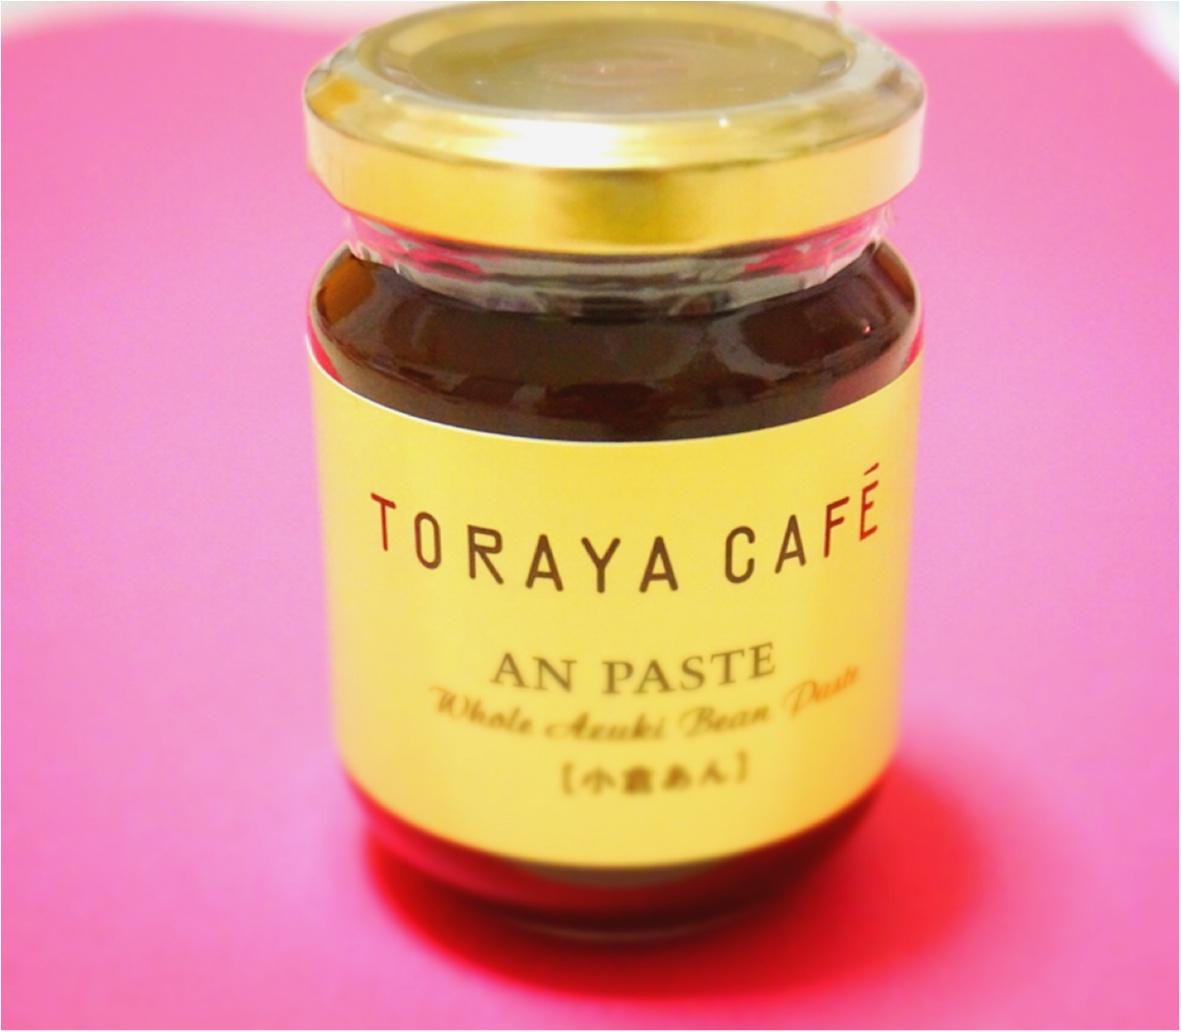 年末年始の手土産にも❤️️【TORAYA CAFE】でしか買えない《新感覚ジャム》がおいしすぎるっ_4